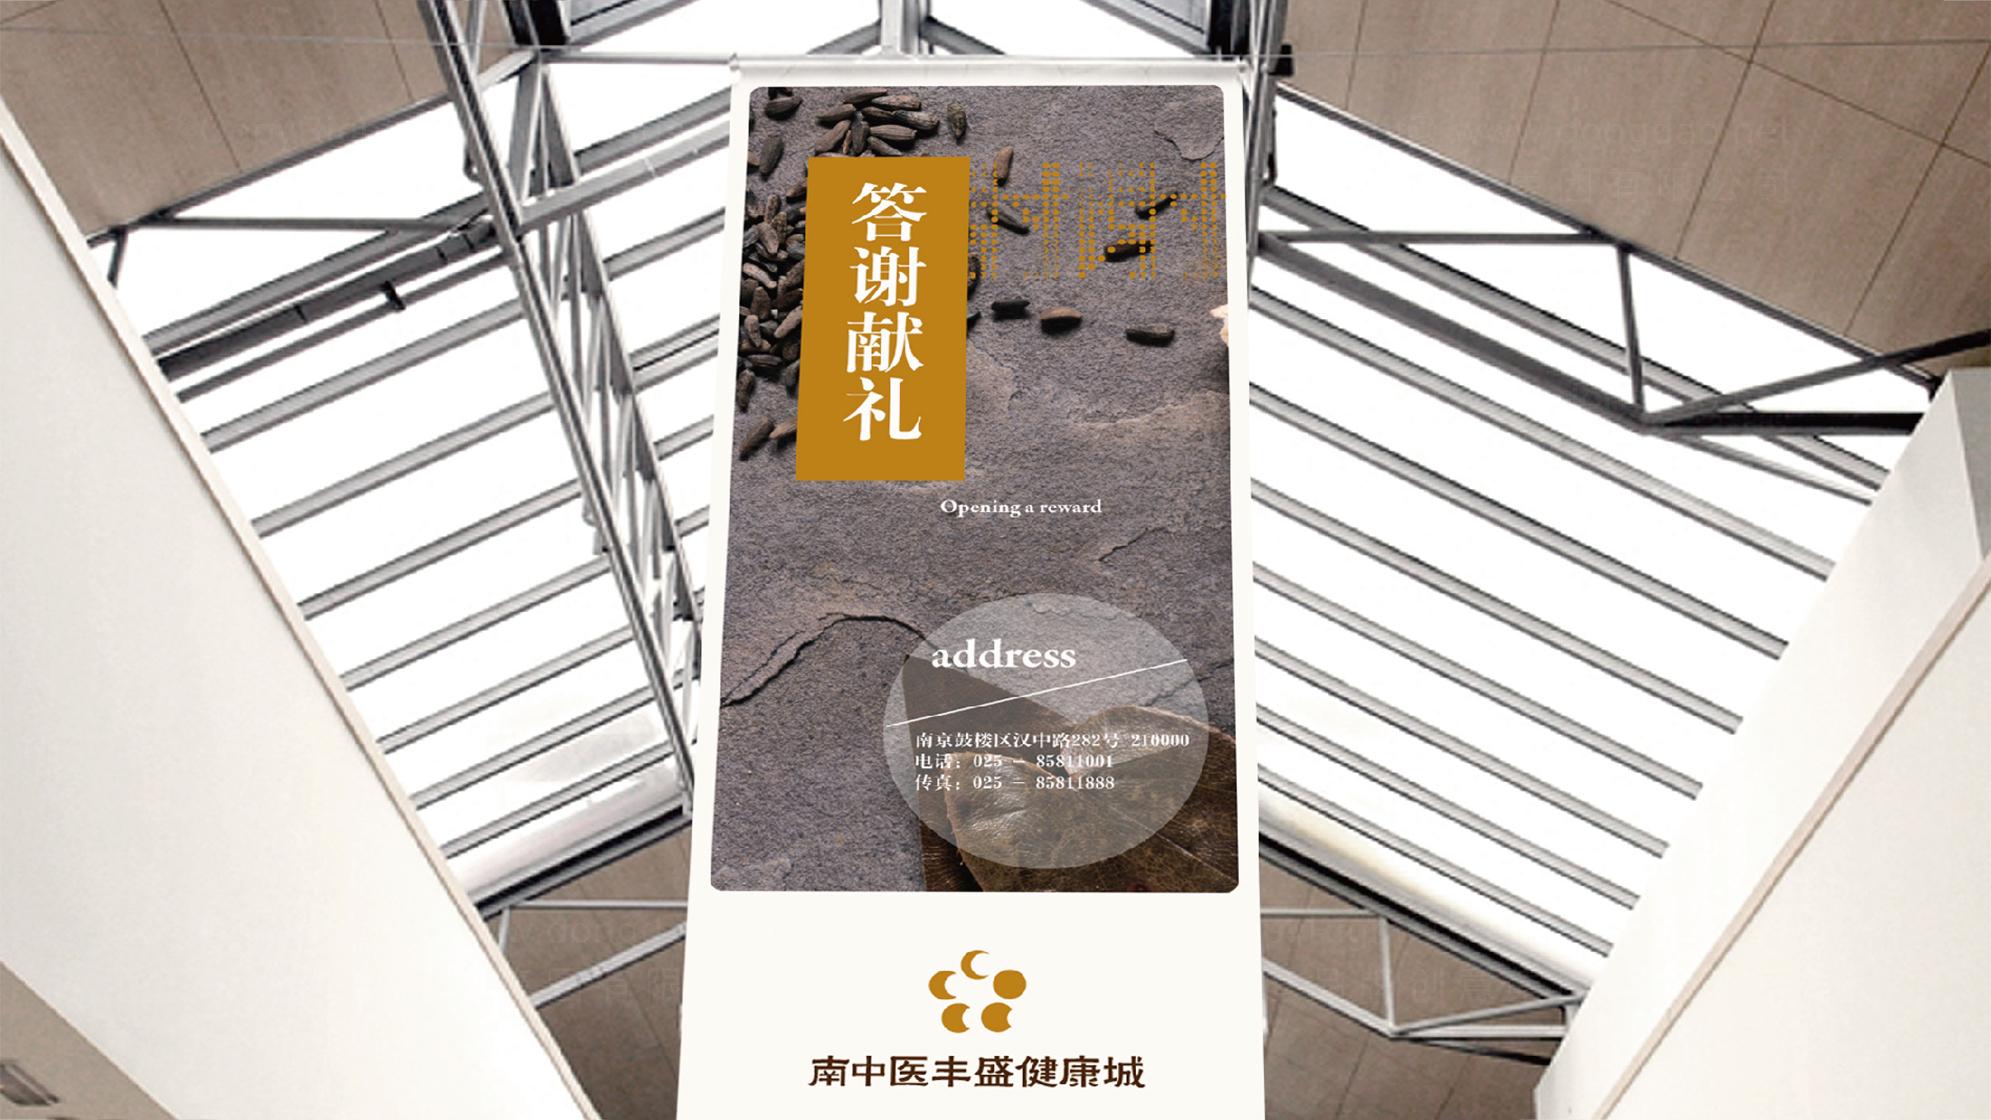 品牌设计南中医丰盛健康城LOGO&VI设计应用场景_11